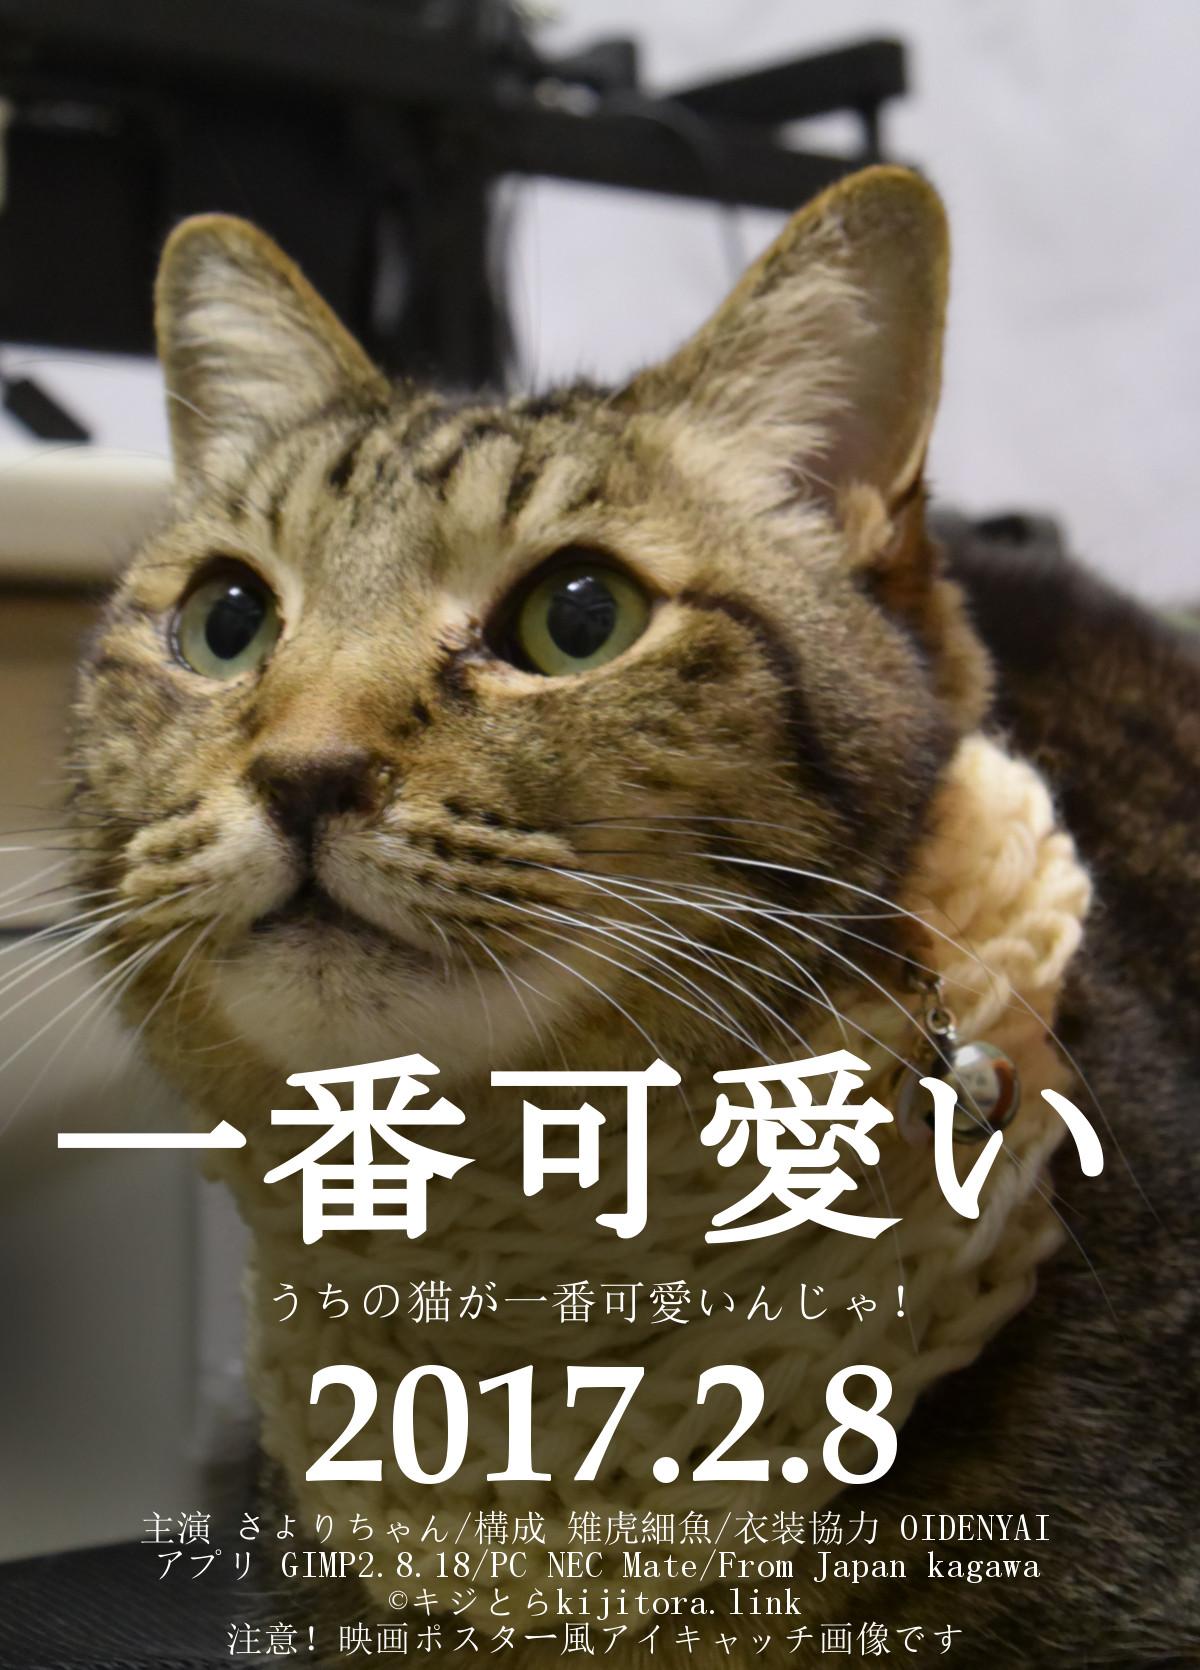 猫用語】うちの猫が世界で一番かわいい   キジとら